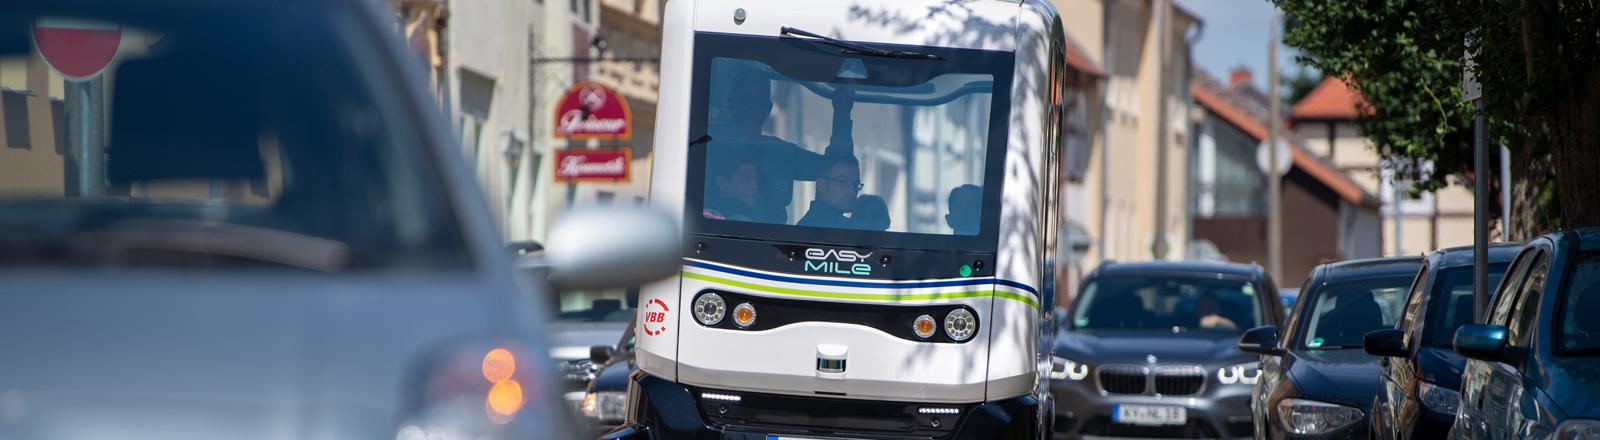 Erster selbstfahrender Bus in Brandenburg